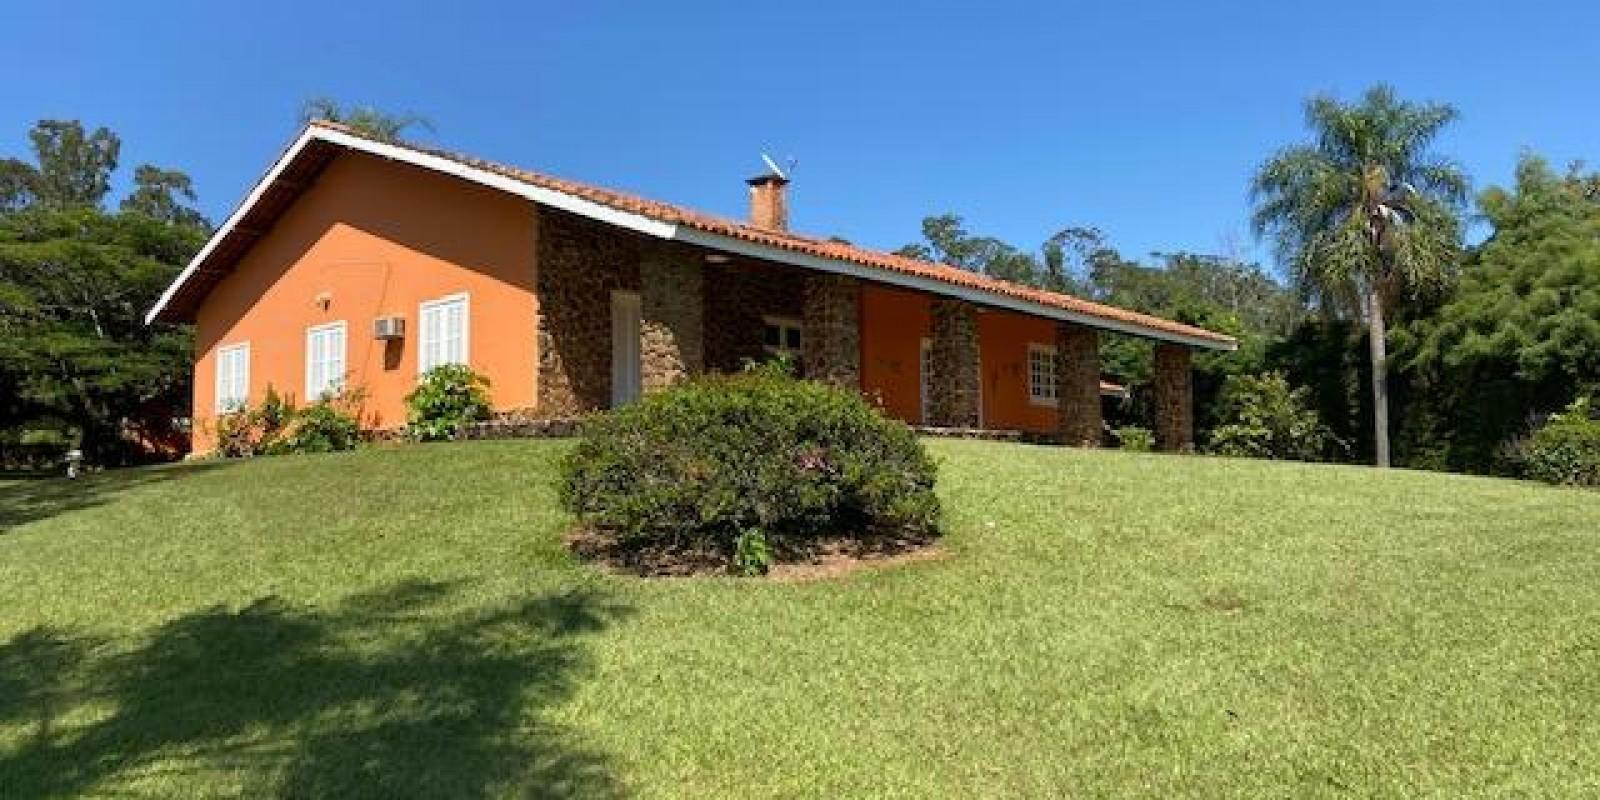 Casa na Represa Condomínio  Parque Náutico em Avaré SP - Foto 29 de 40